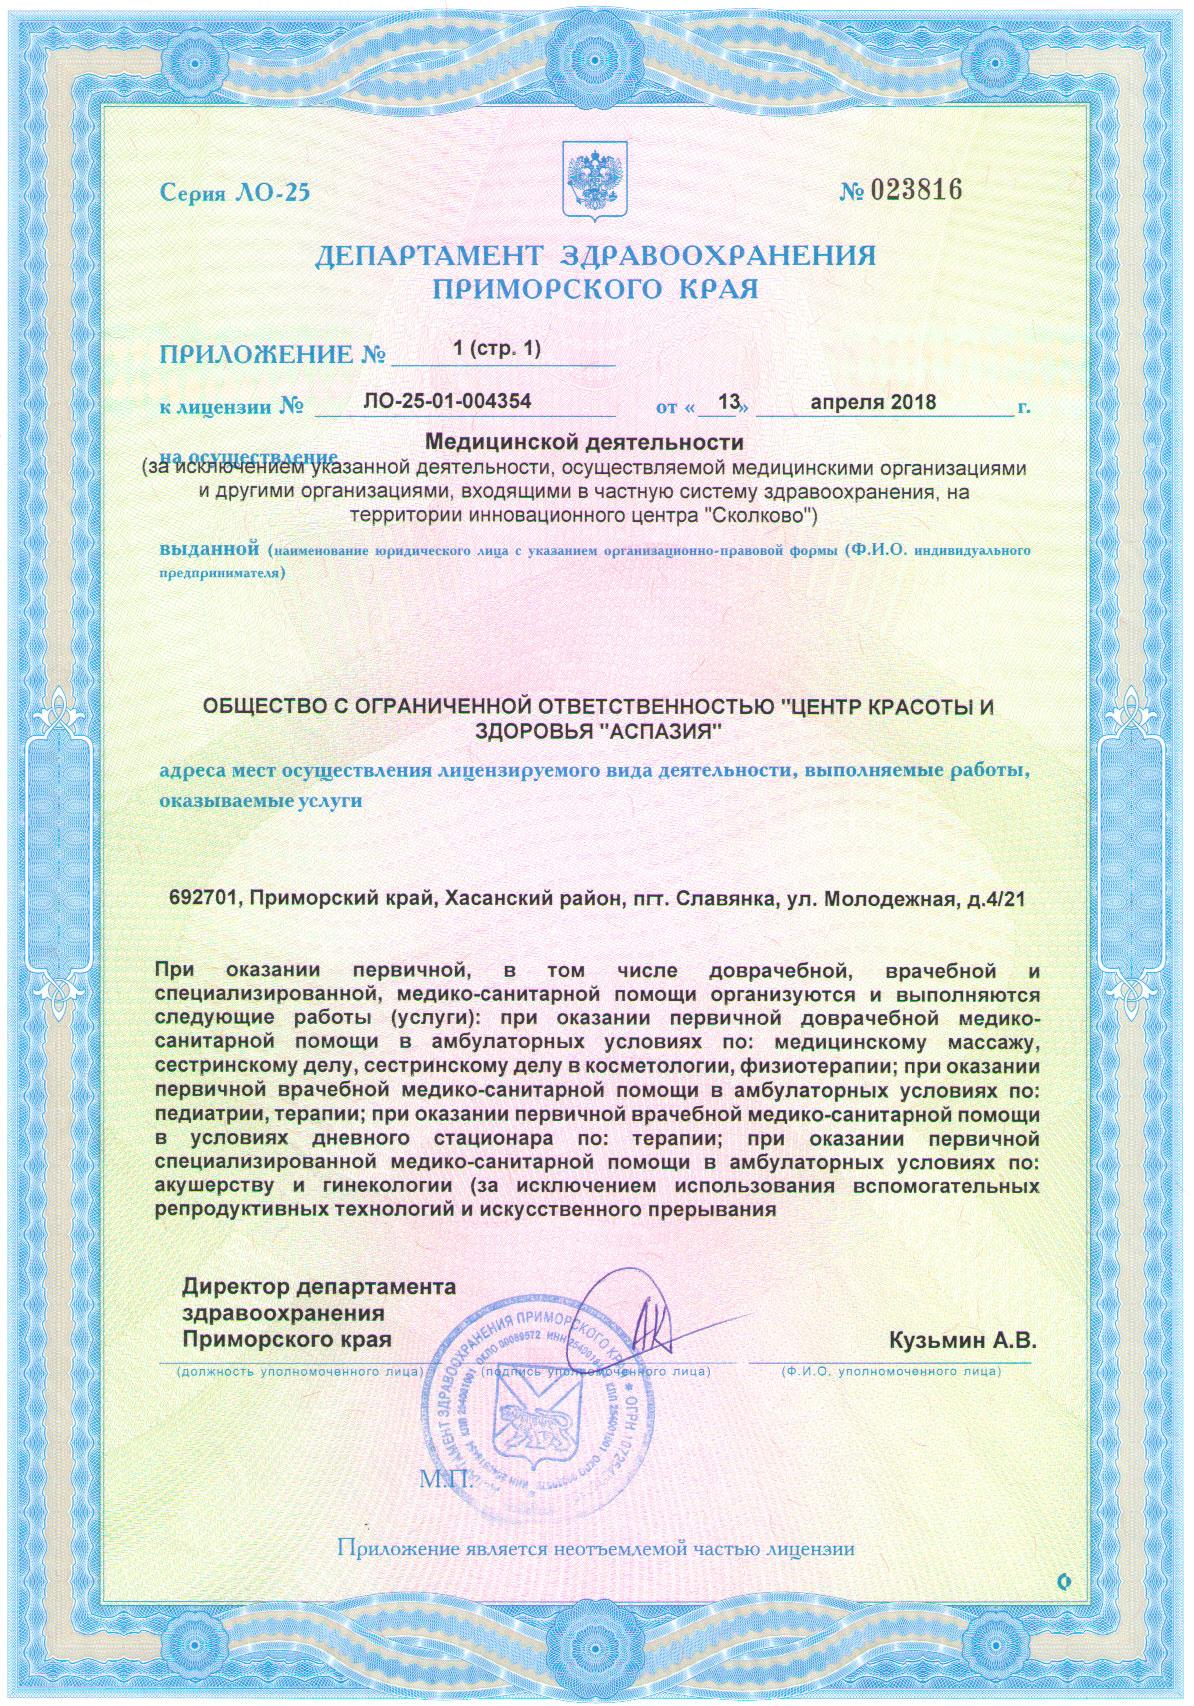 Лицензия приложение стр. 1